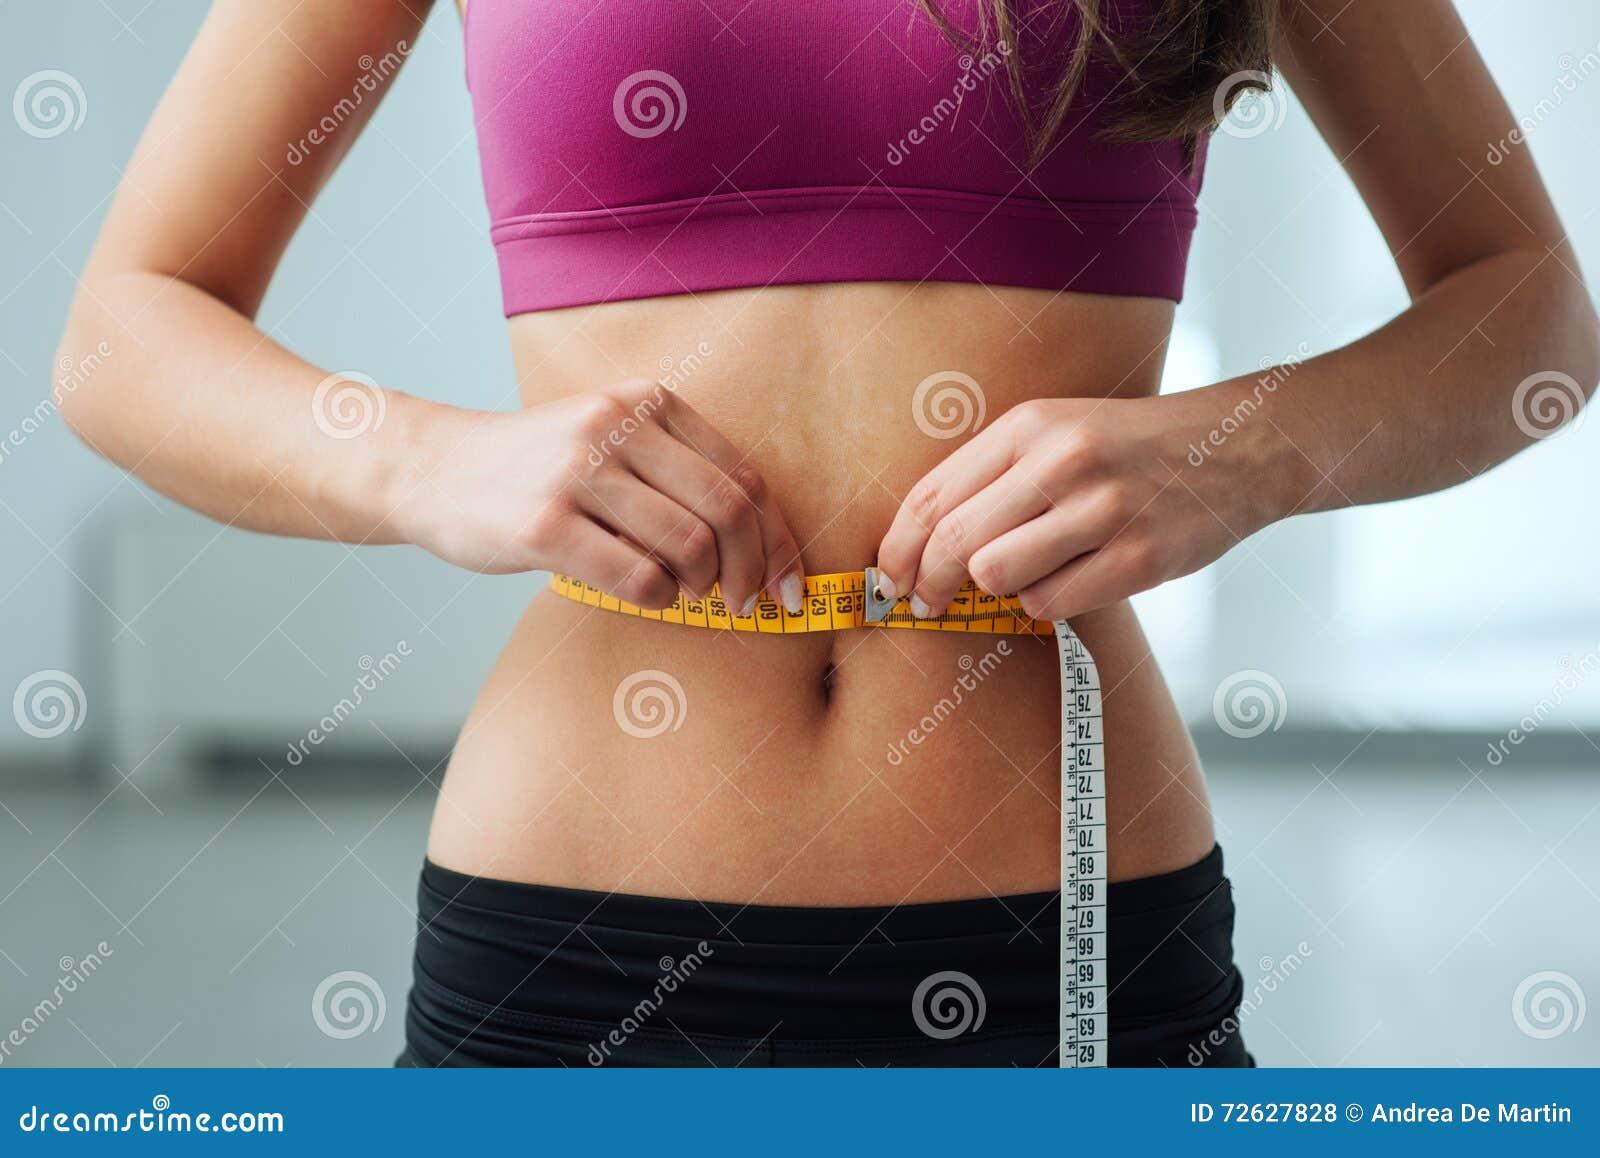 19d91ae3 Banta den unga kvinnan som mäter hennes tunna midja med en måttband, slut  upp